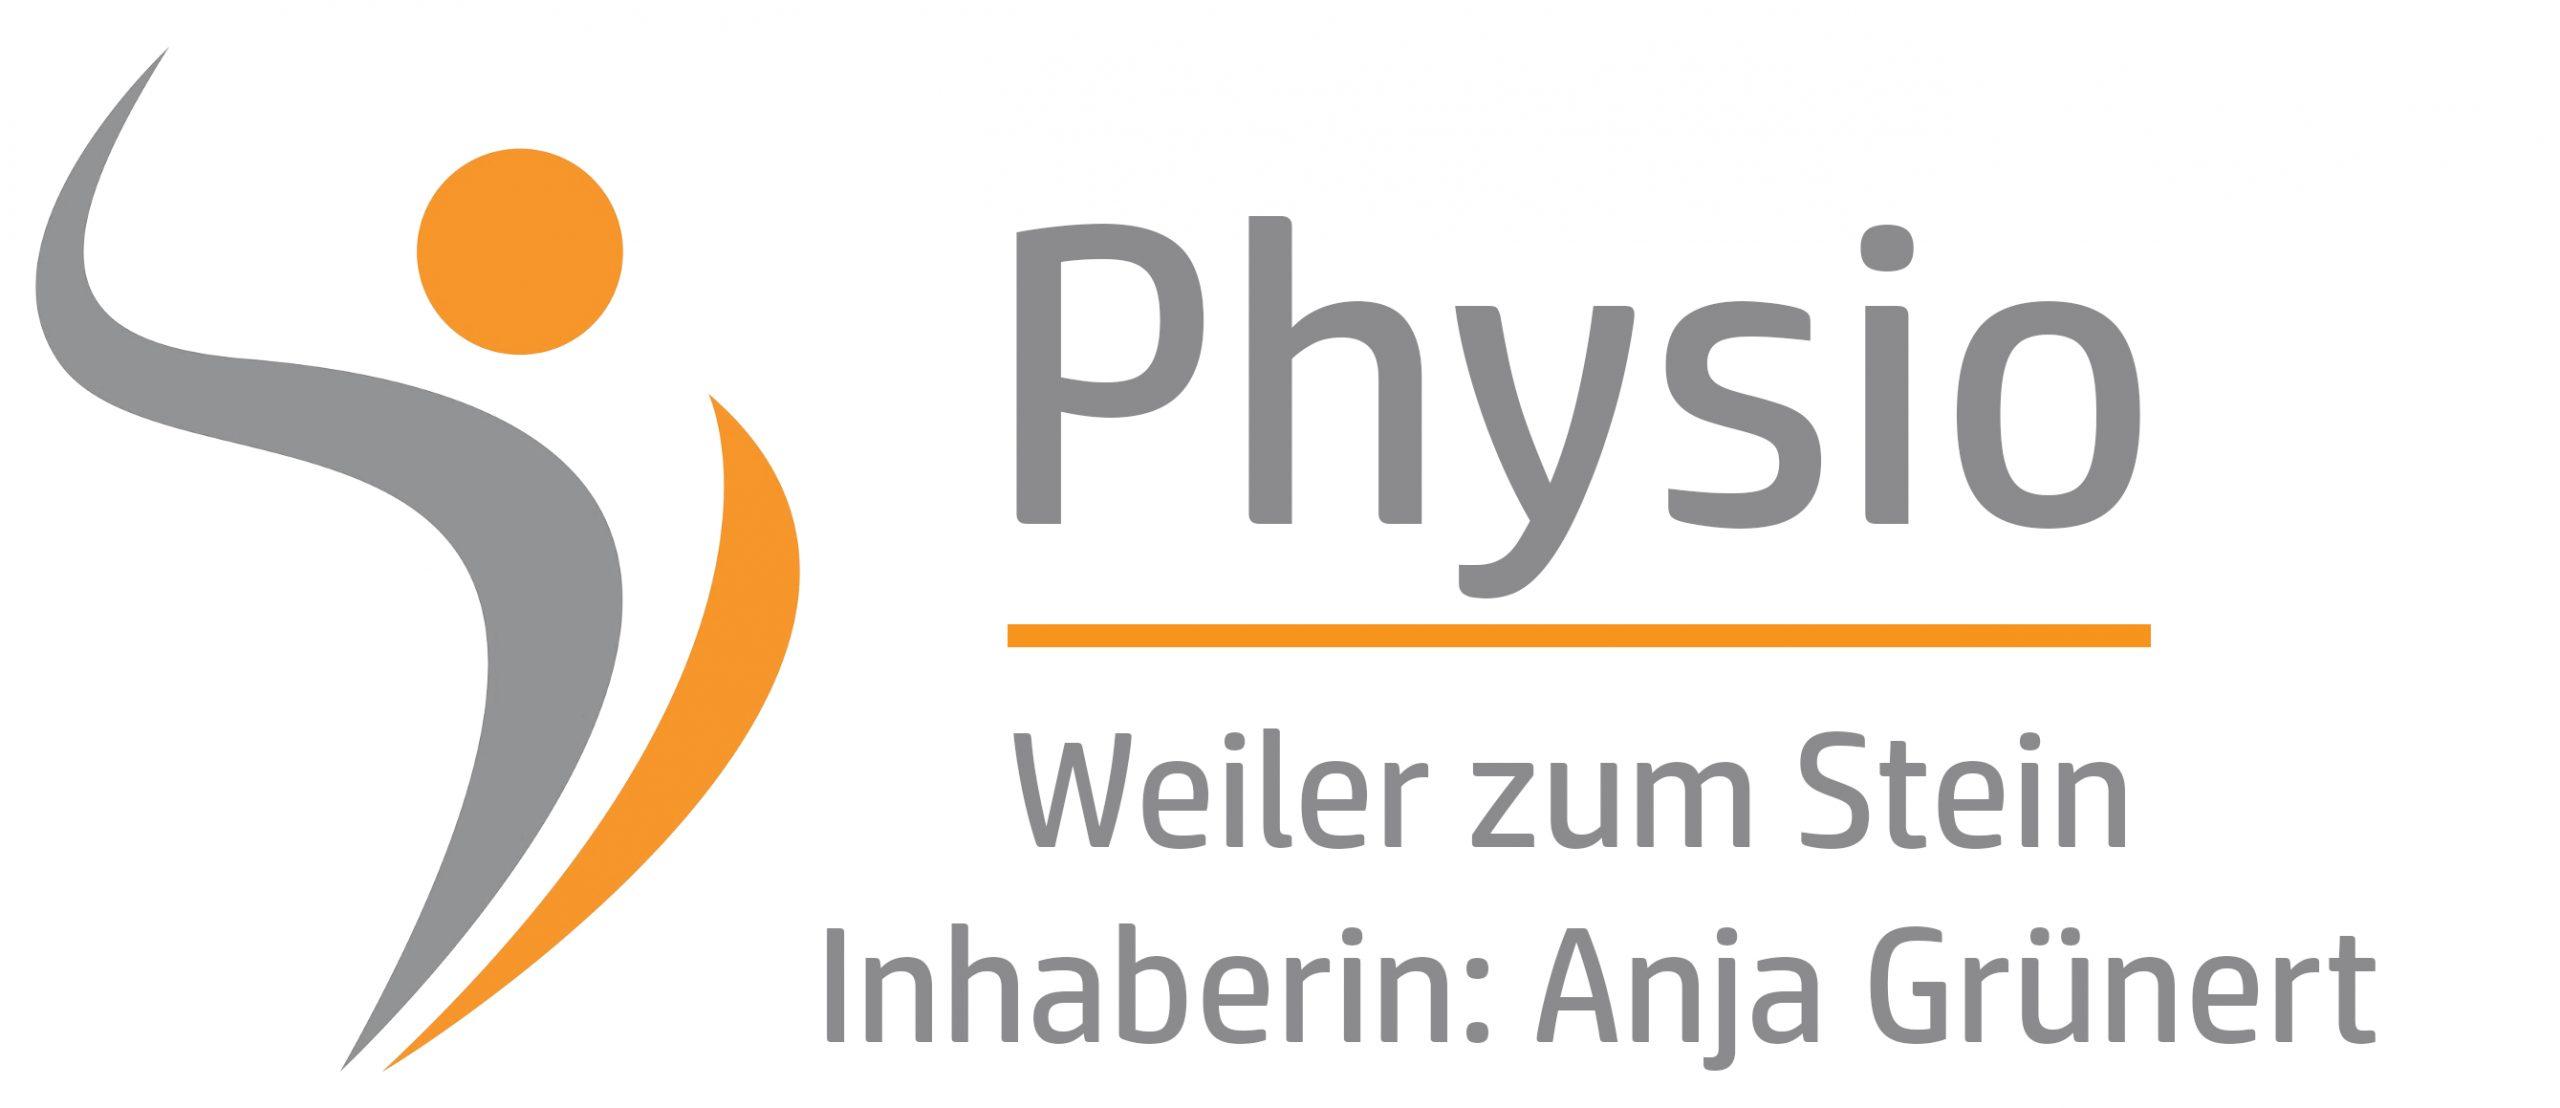 Physio Weiler zum Stein